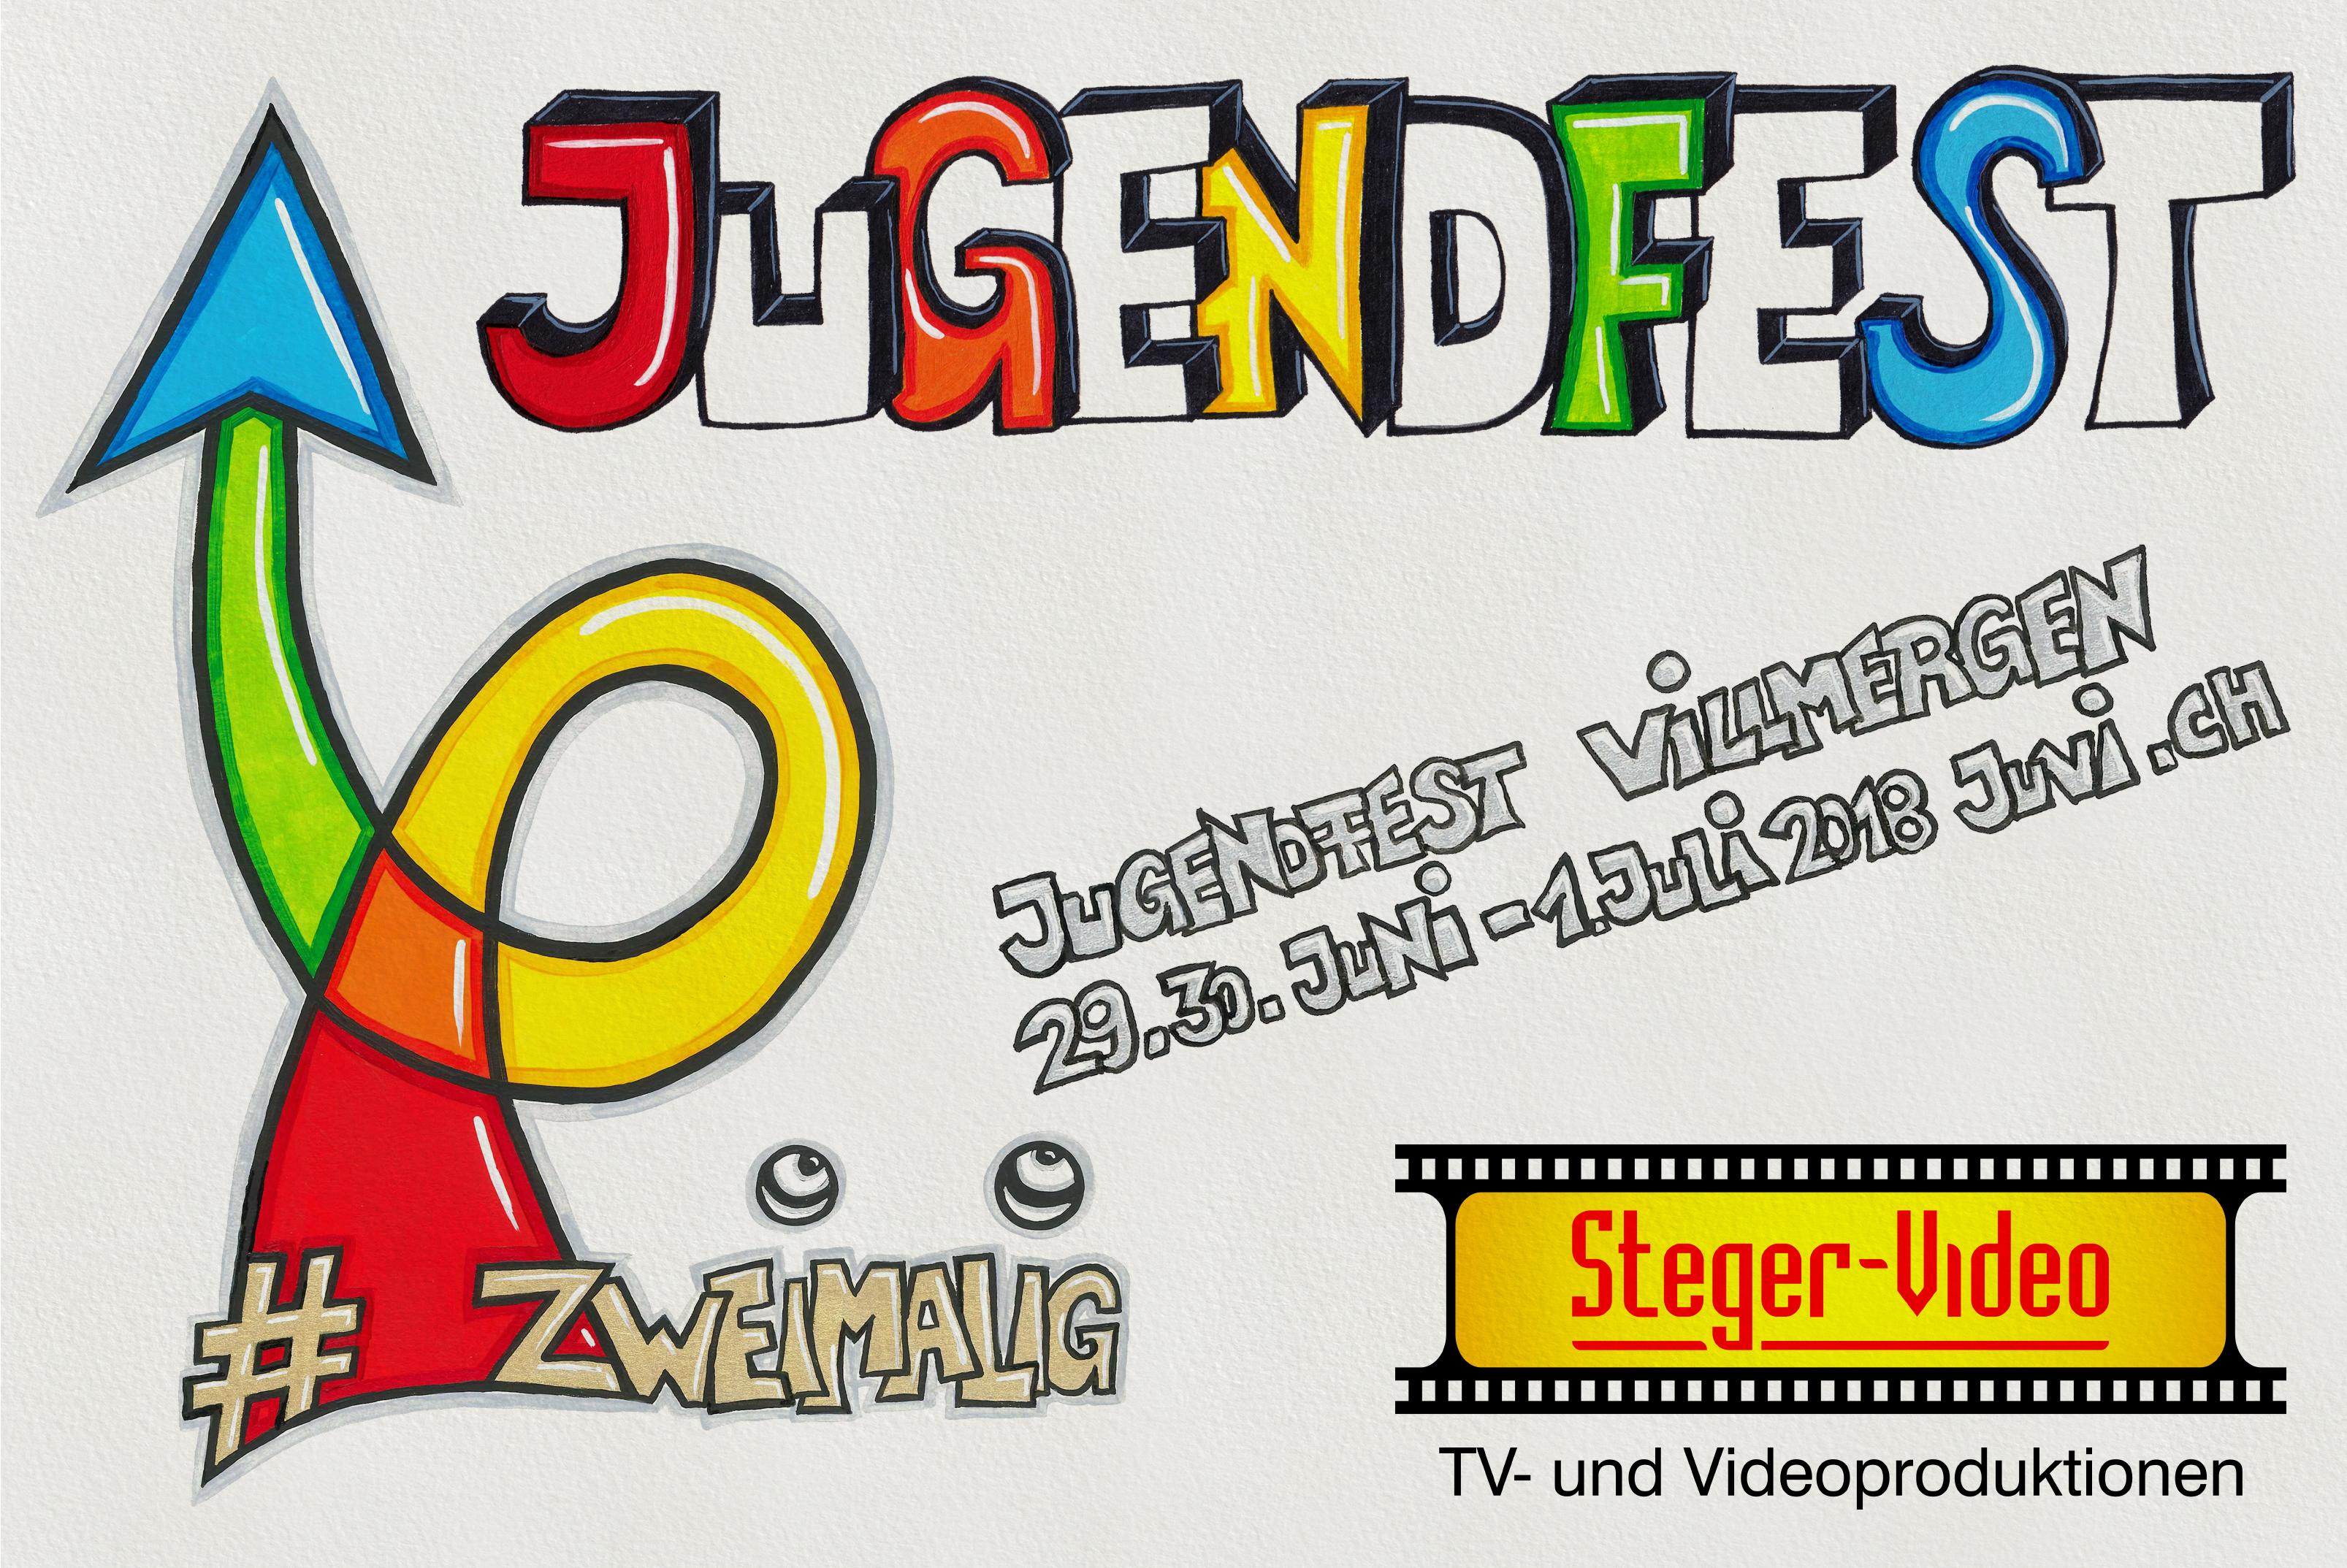 Jugendfest Villmergen | juvi.ch